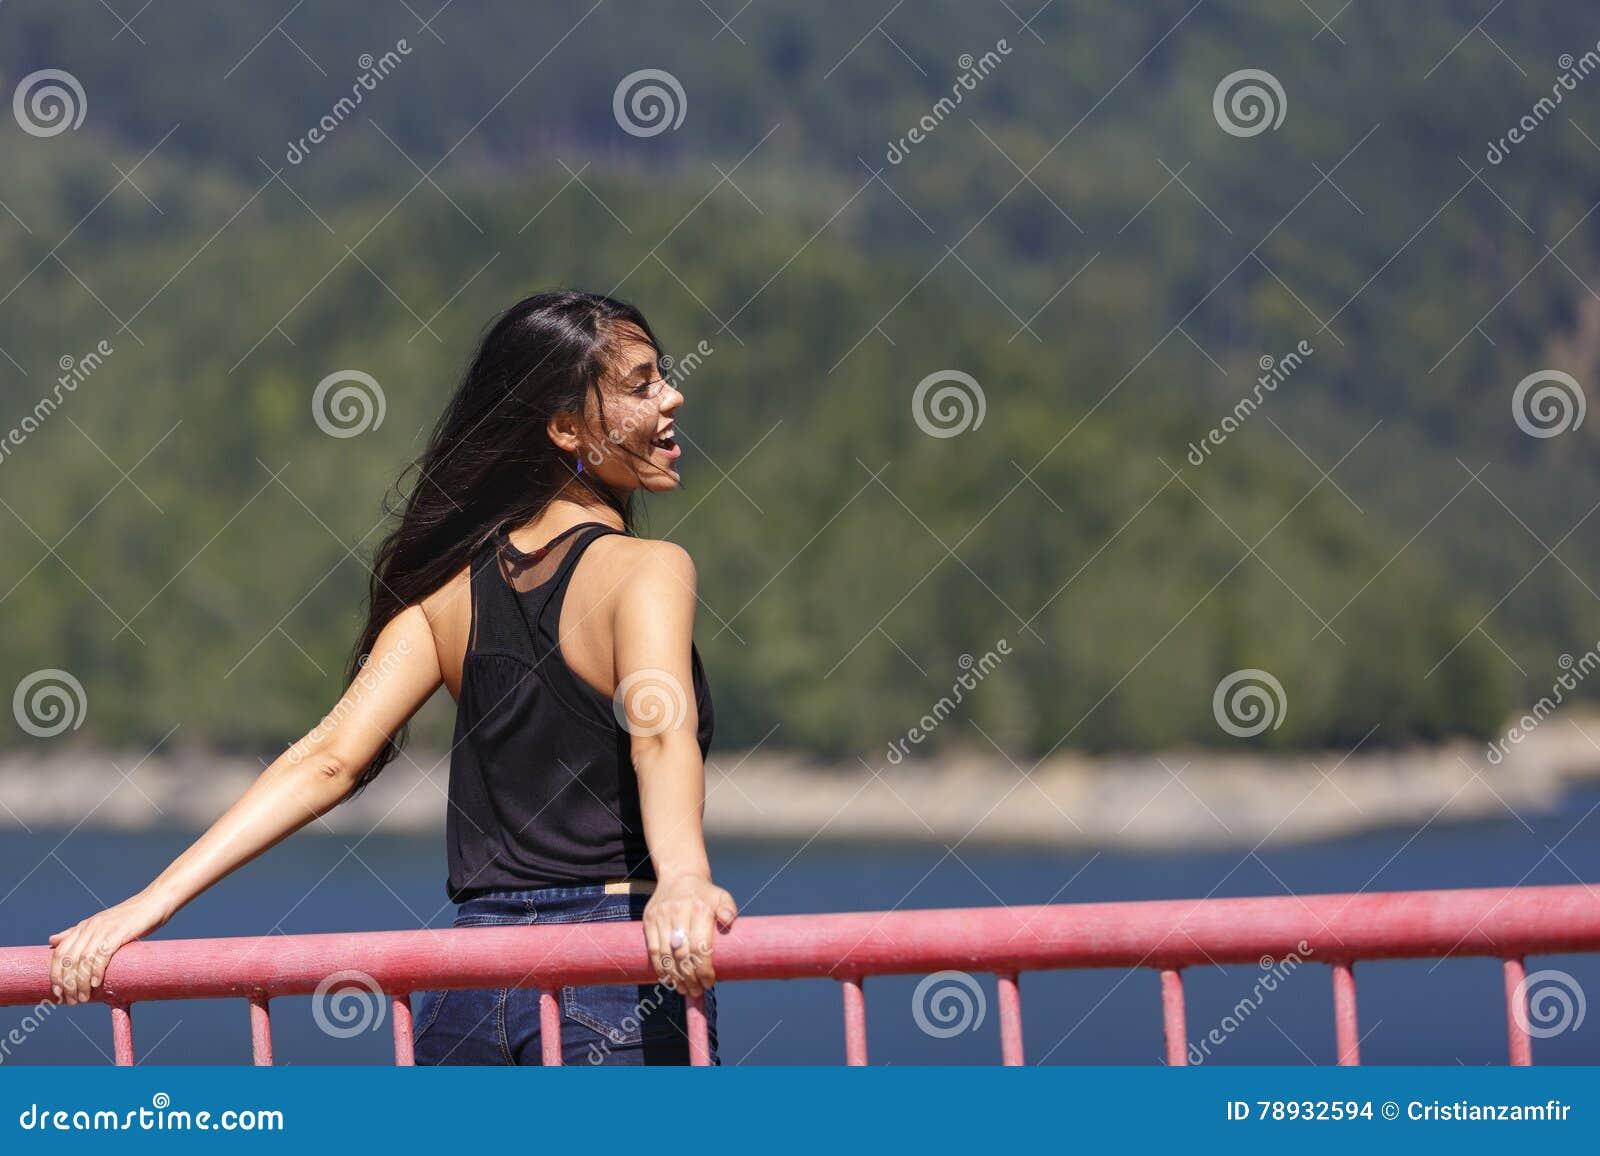 La mujer se sienta al borde de una presa